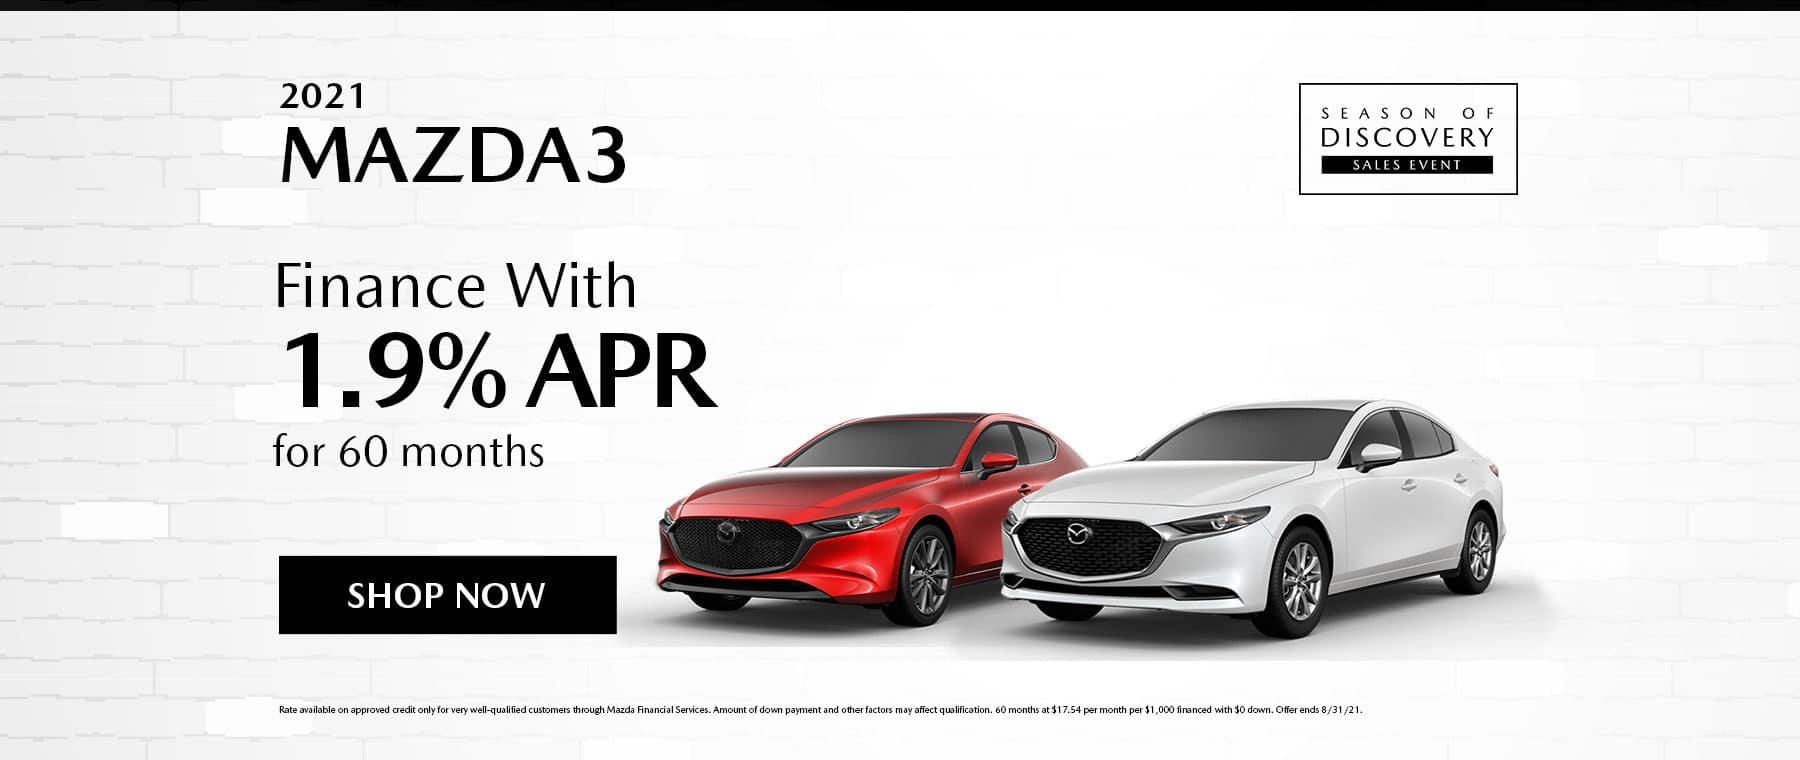 Mazda3 August Specials